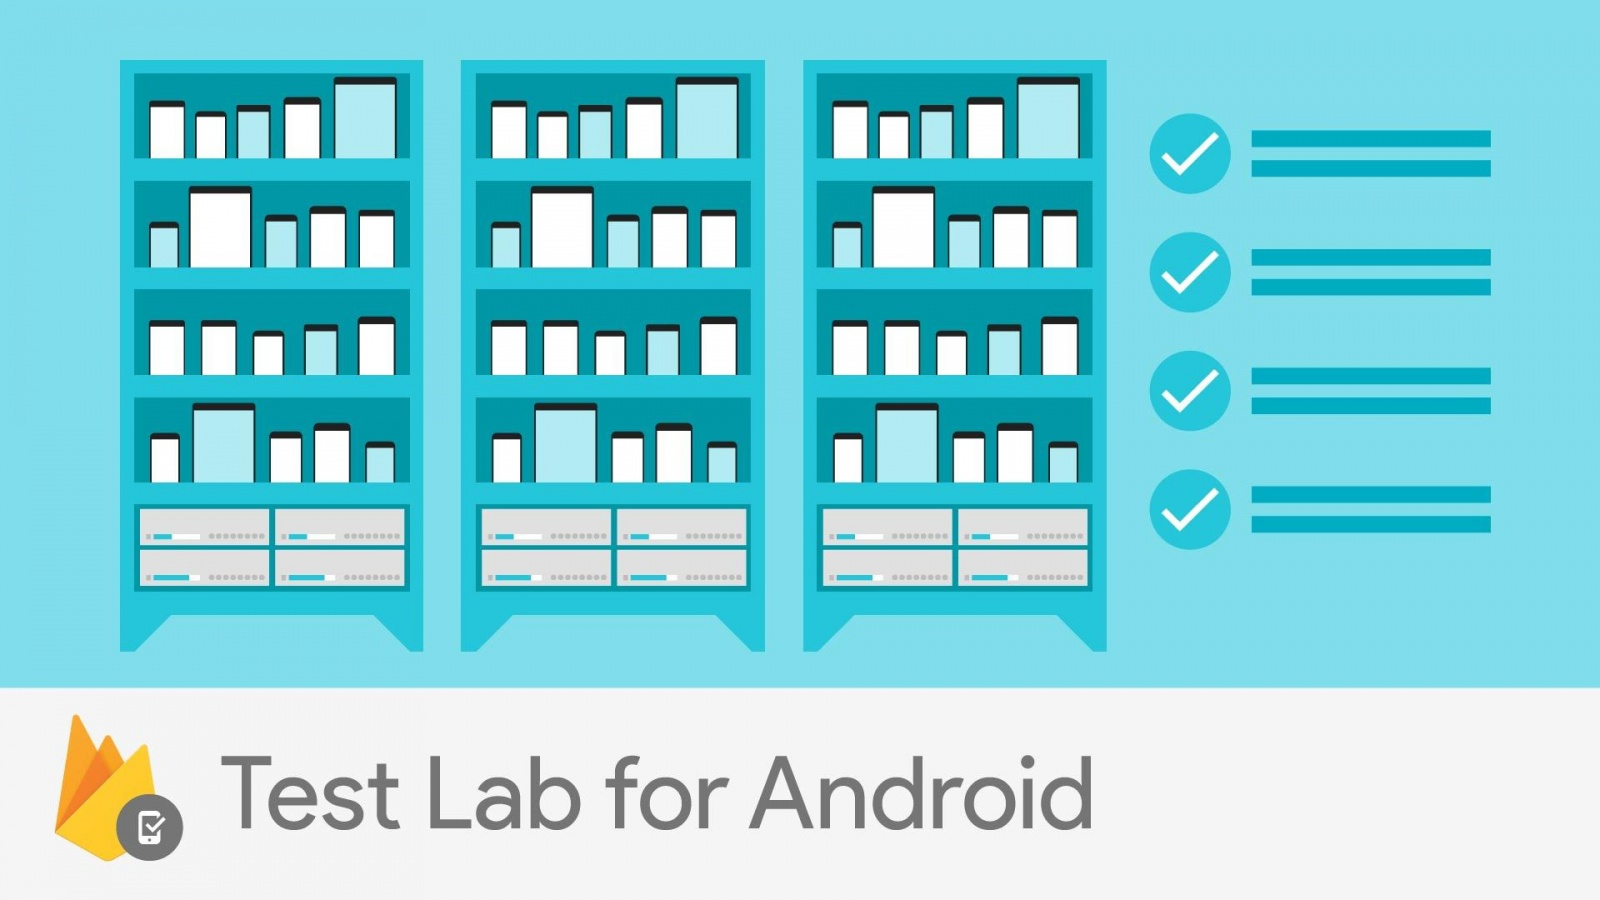 7 лучших ферм устройств для тестирования мобильных приложений - 5